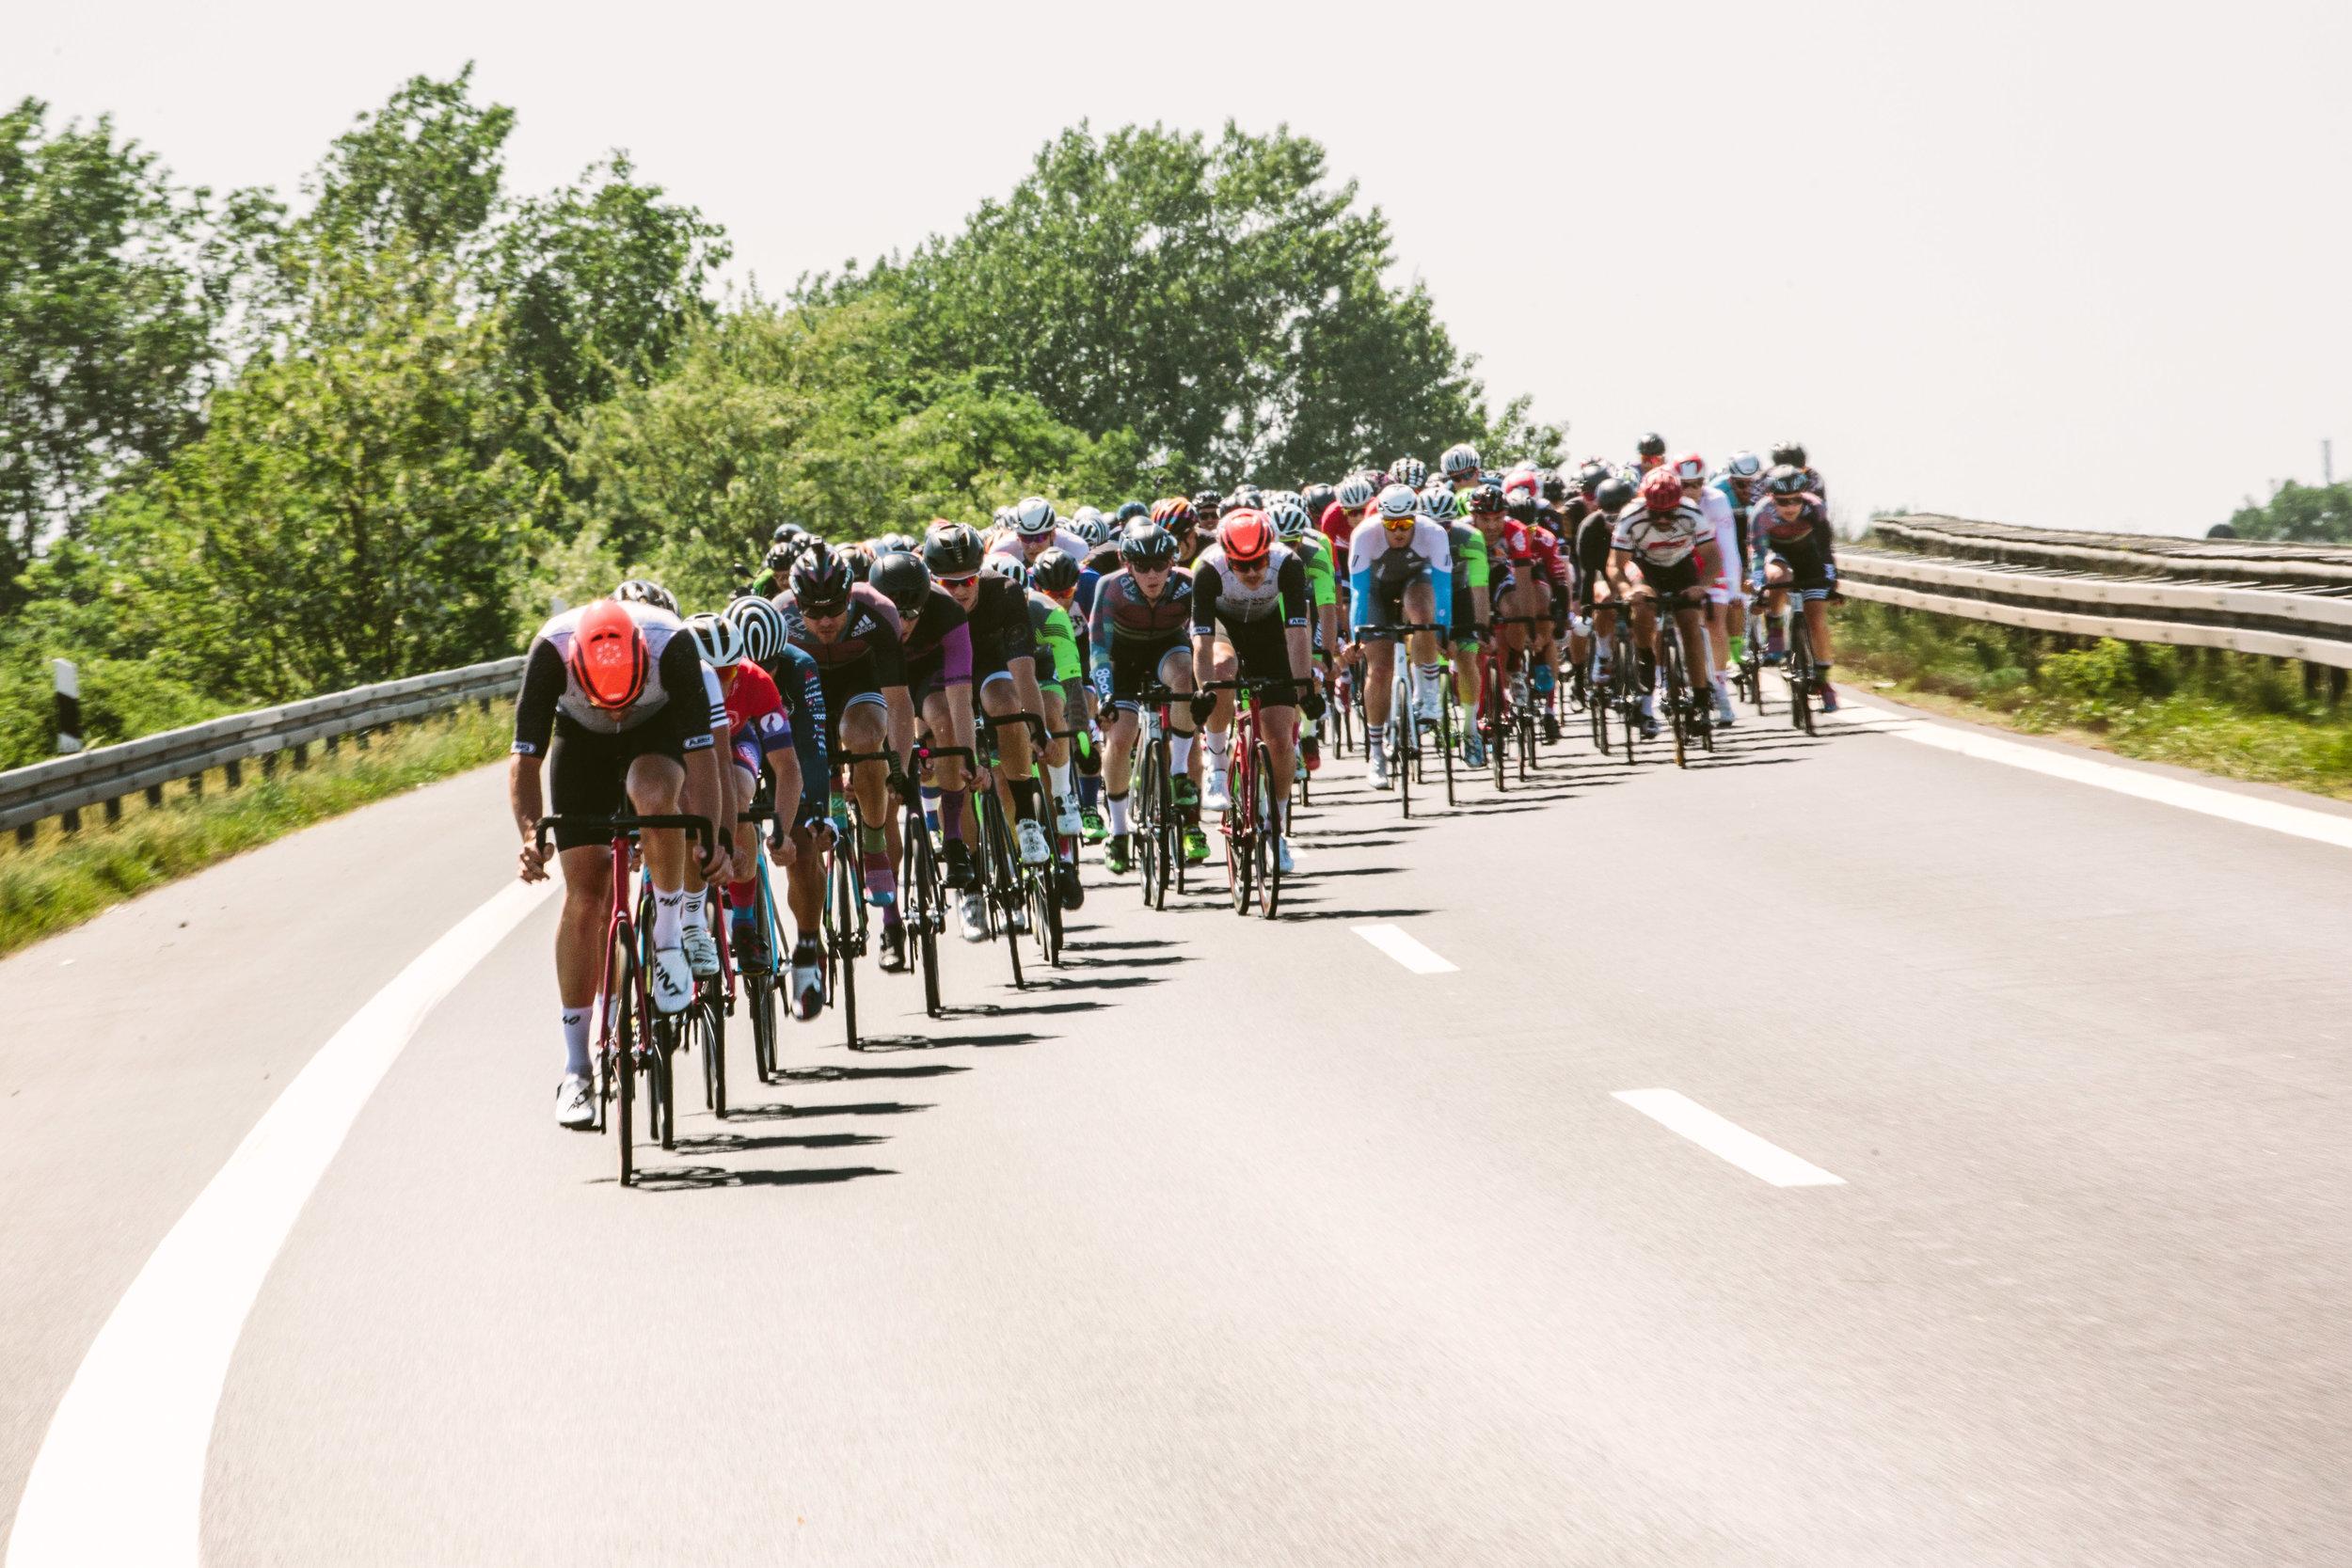 RadRace_Fixed42_Raceday_BengtStiller-0978.jpg